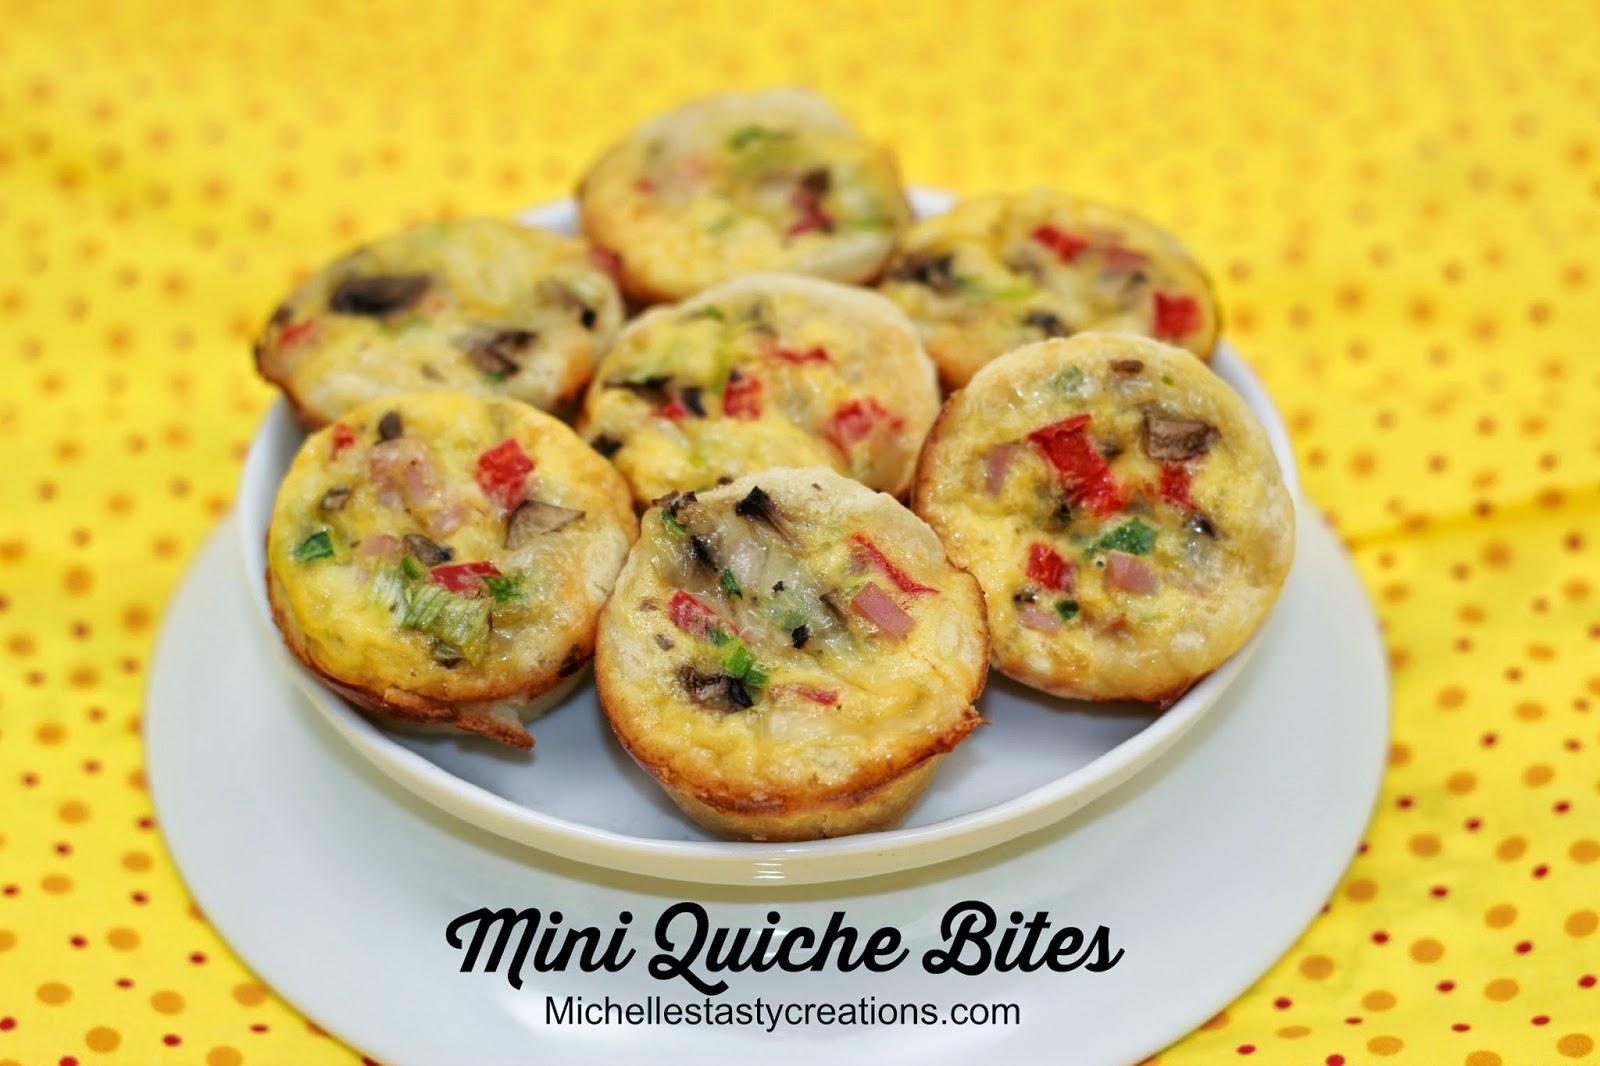 Michelle's Tasty Creations: Mini Quiche Bites